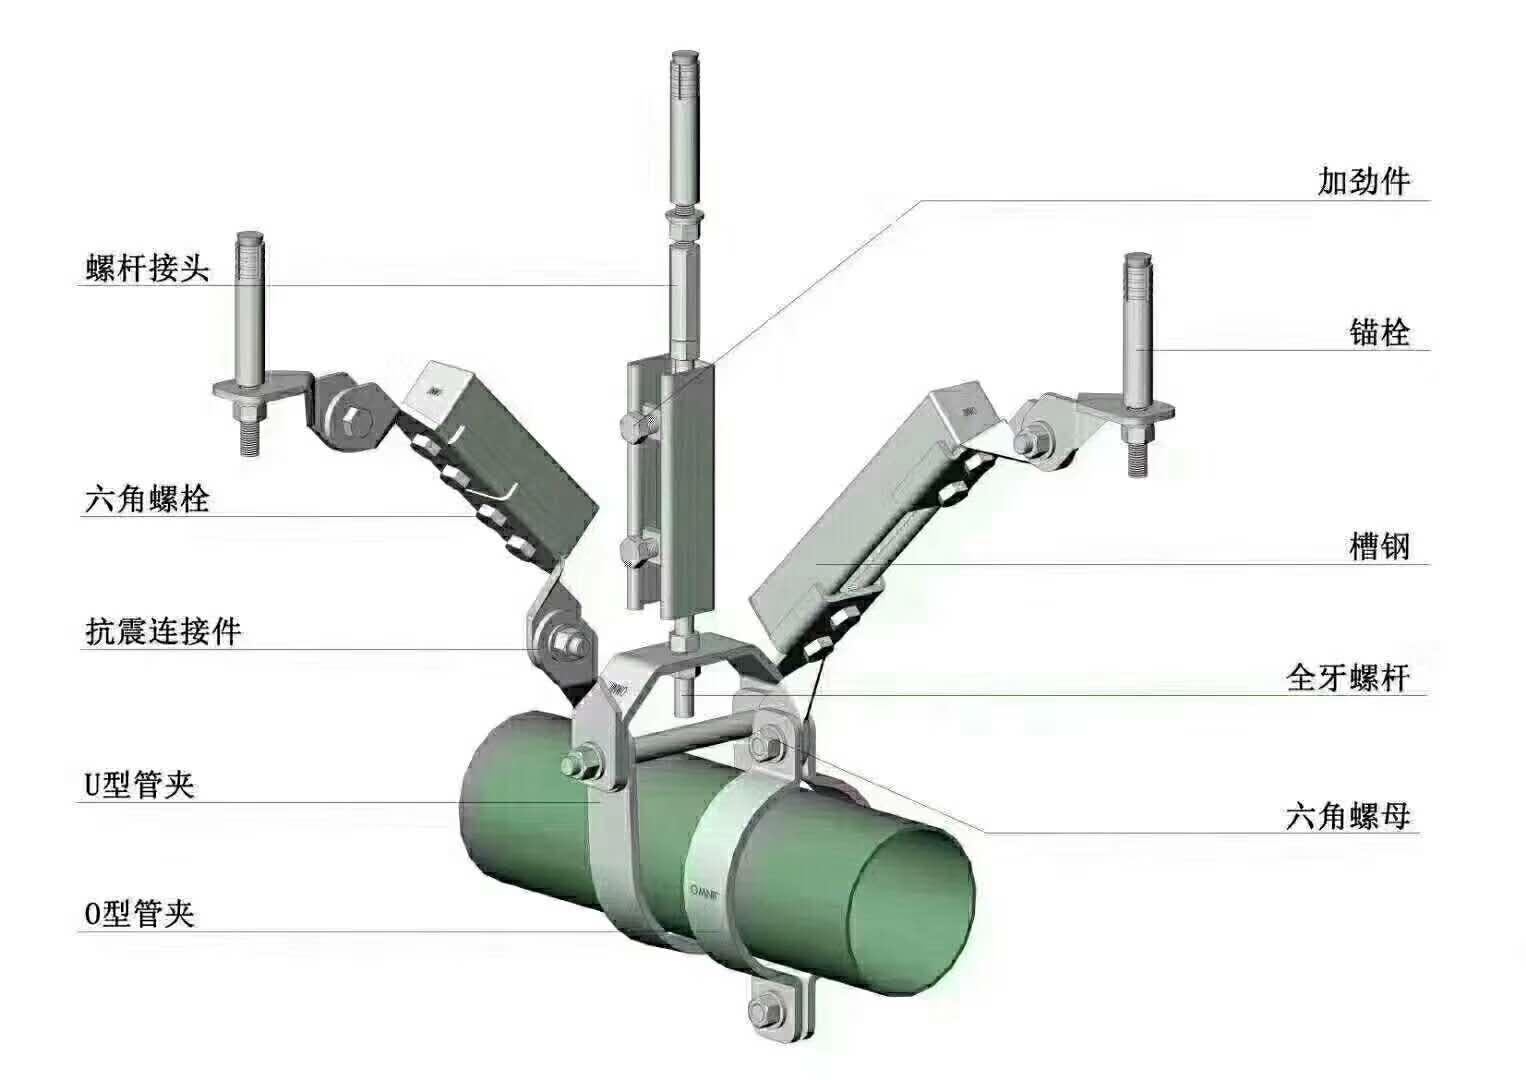 江西供应抗震支架设计,抗震支架